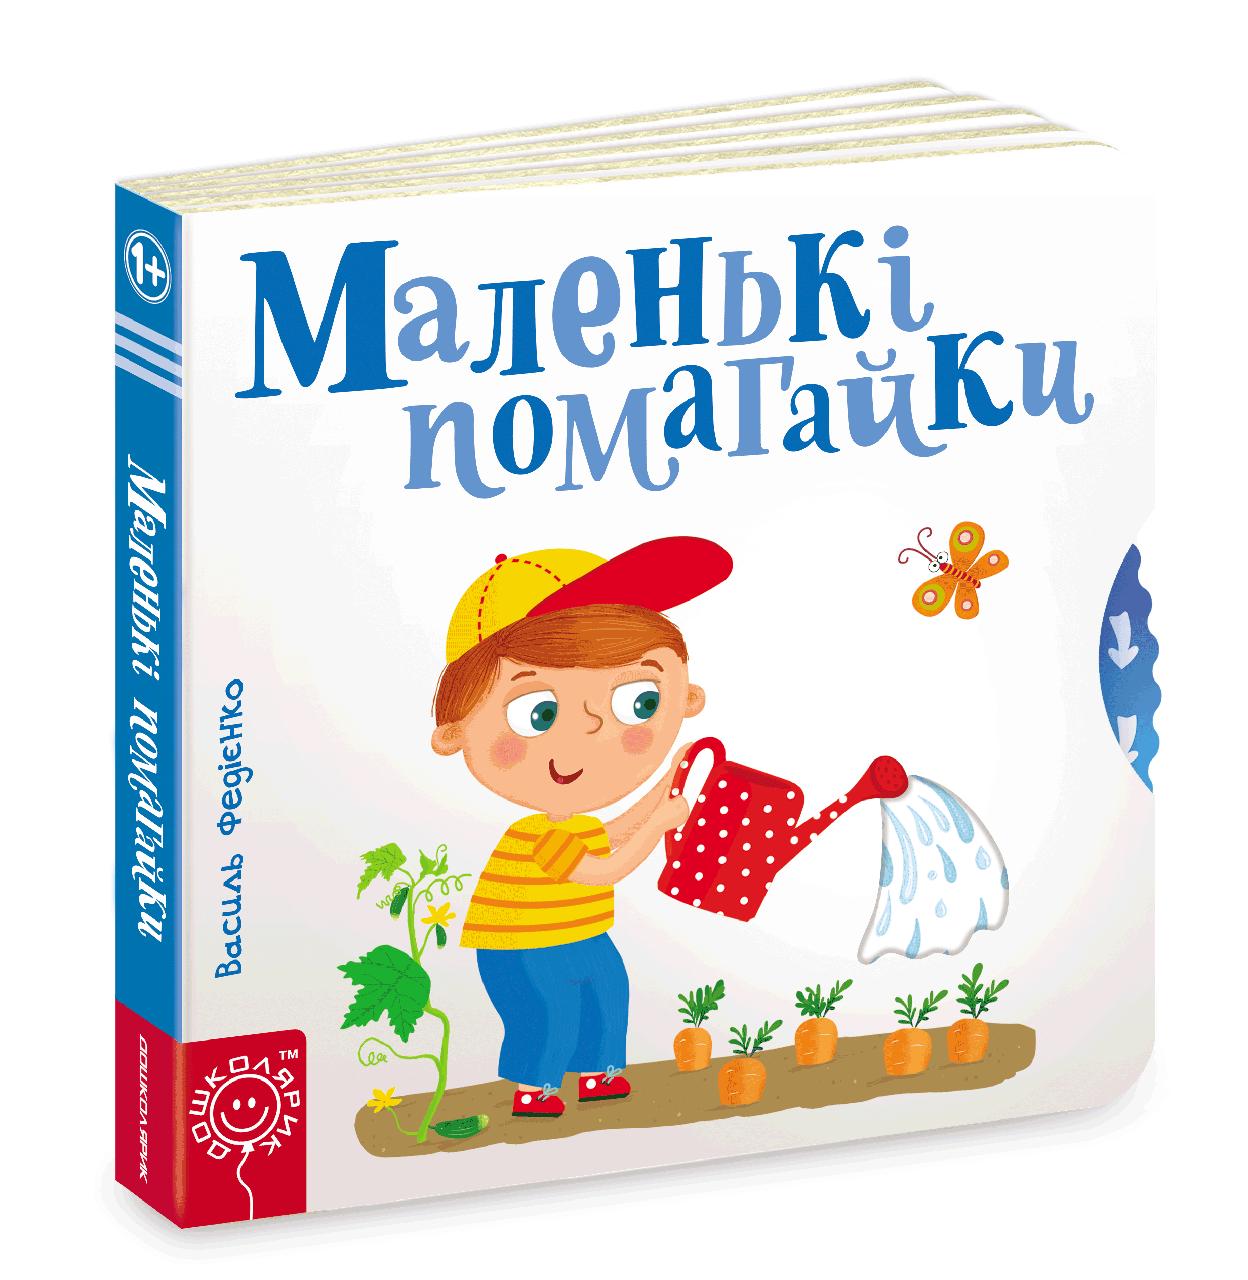 """Книга """"Маленькі помагайлики"""" Василий Федиенко """"Дошколярик"""" укр"""